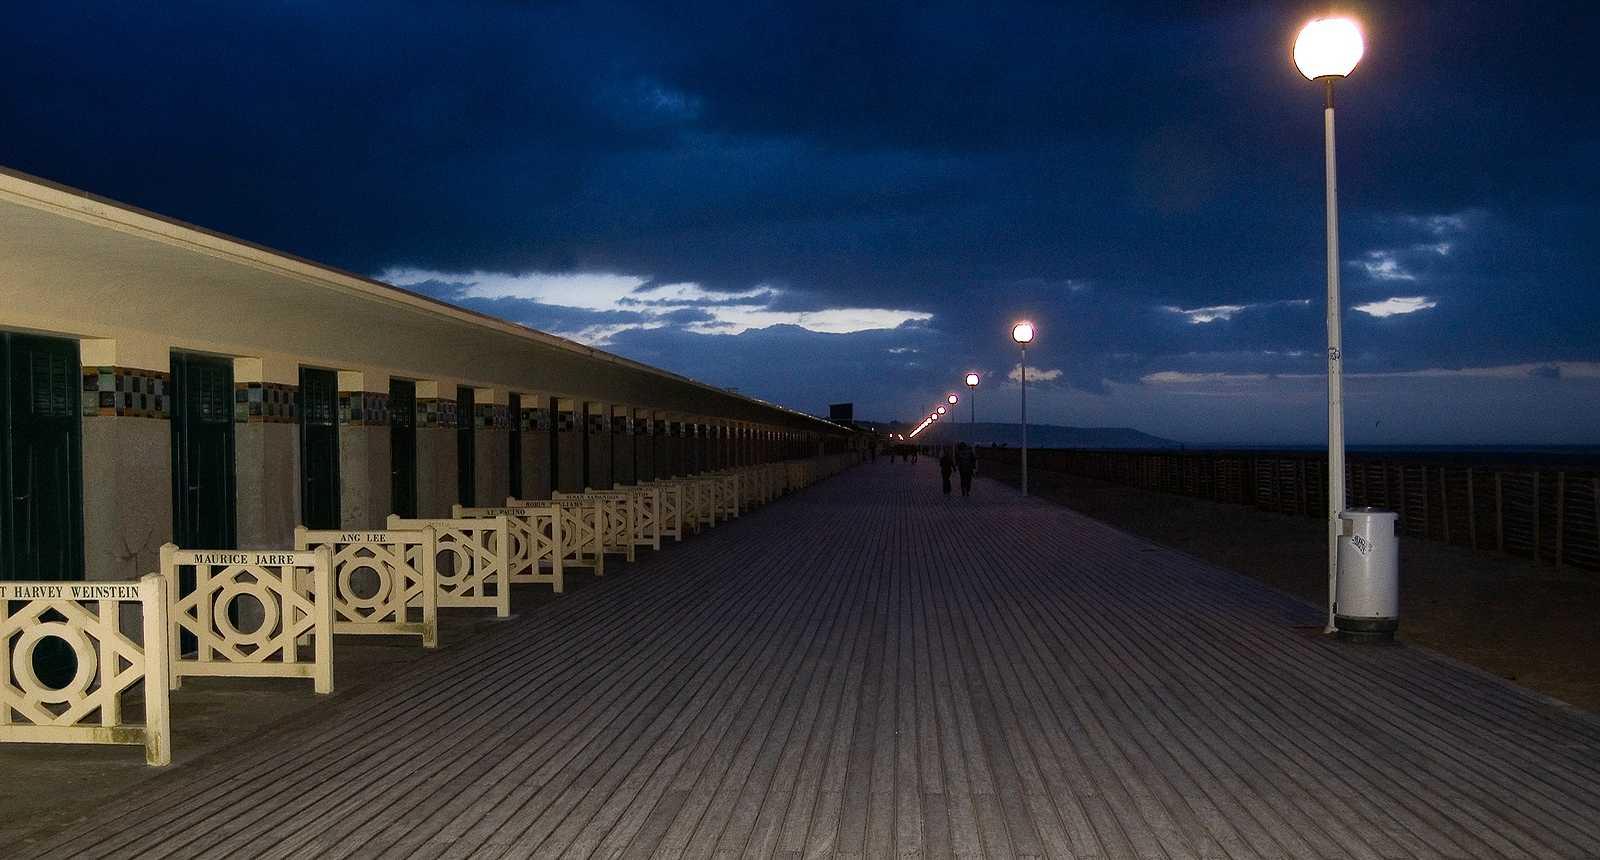 Photo les planches de deauville 2294 diaporamas images photos - Deauville office de tourisme ...